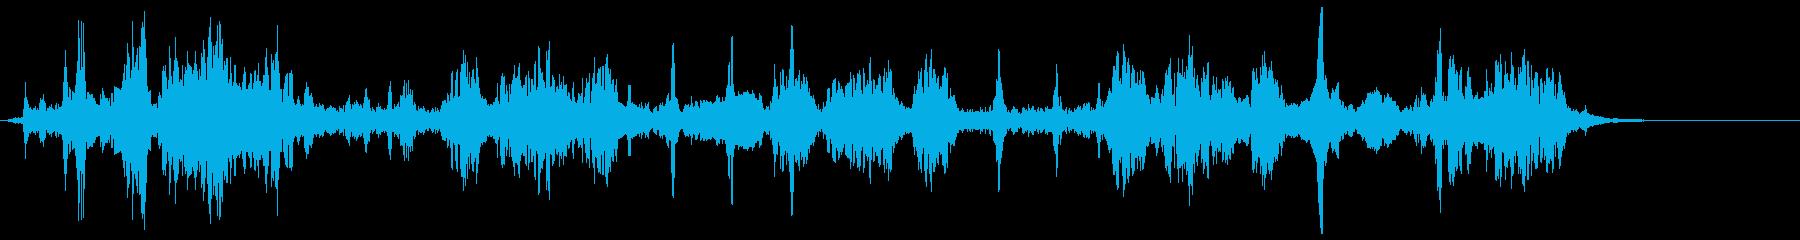 電波ノイズ 7の再生済みの波形